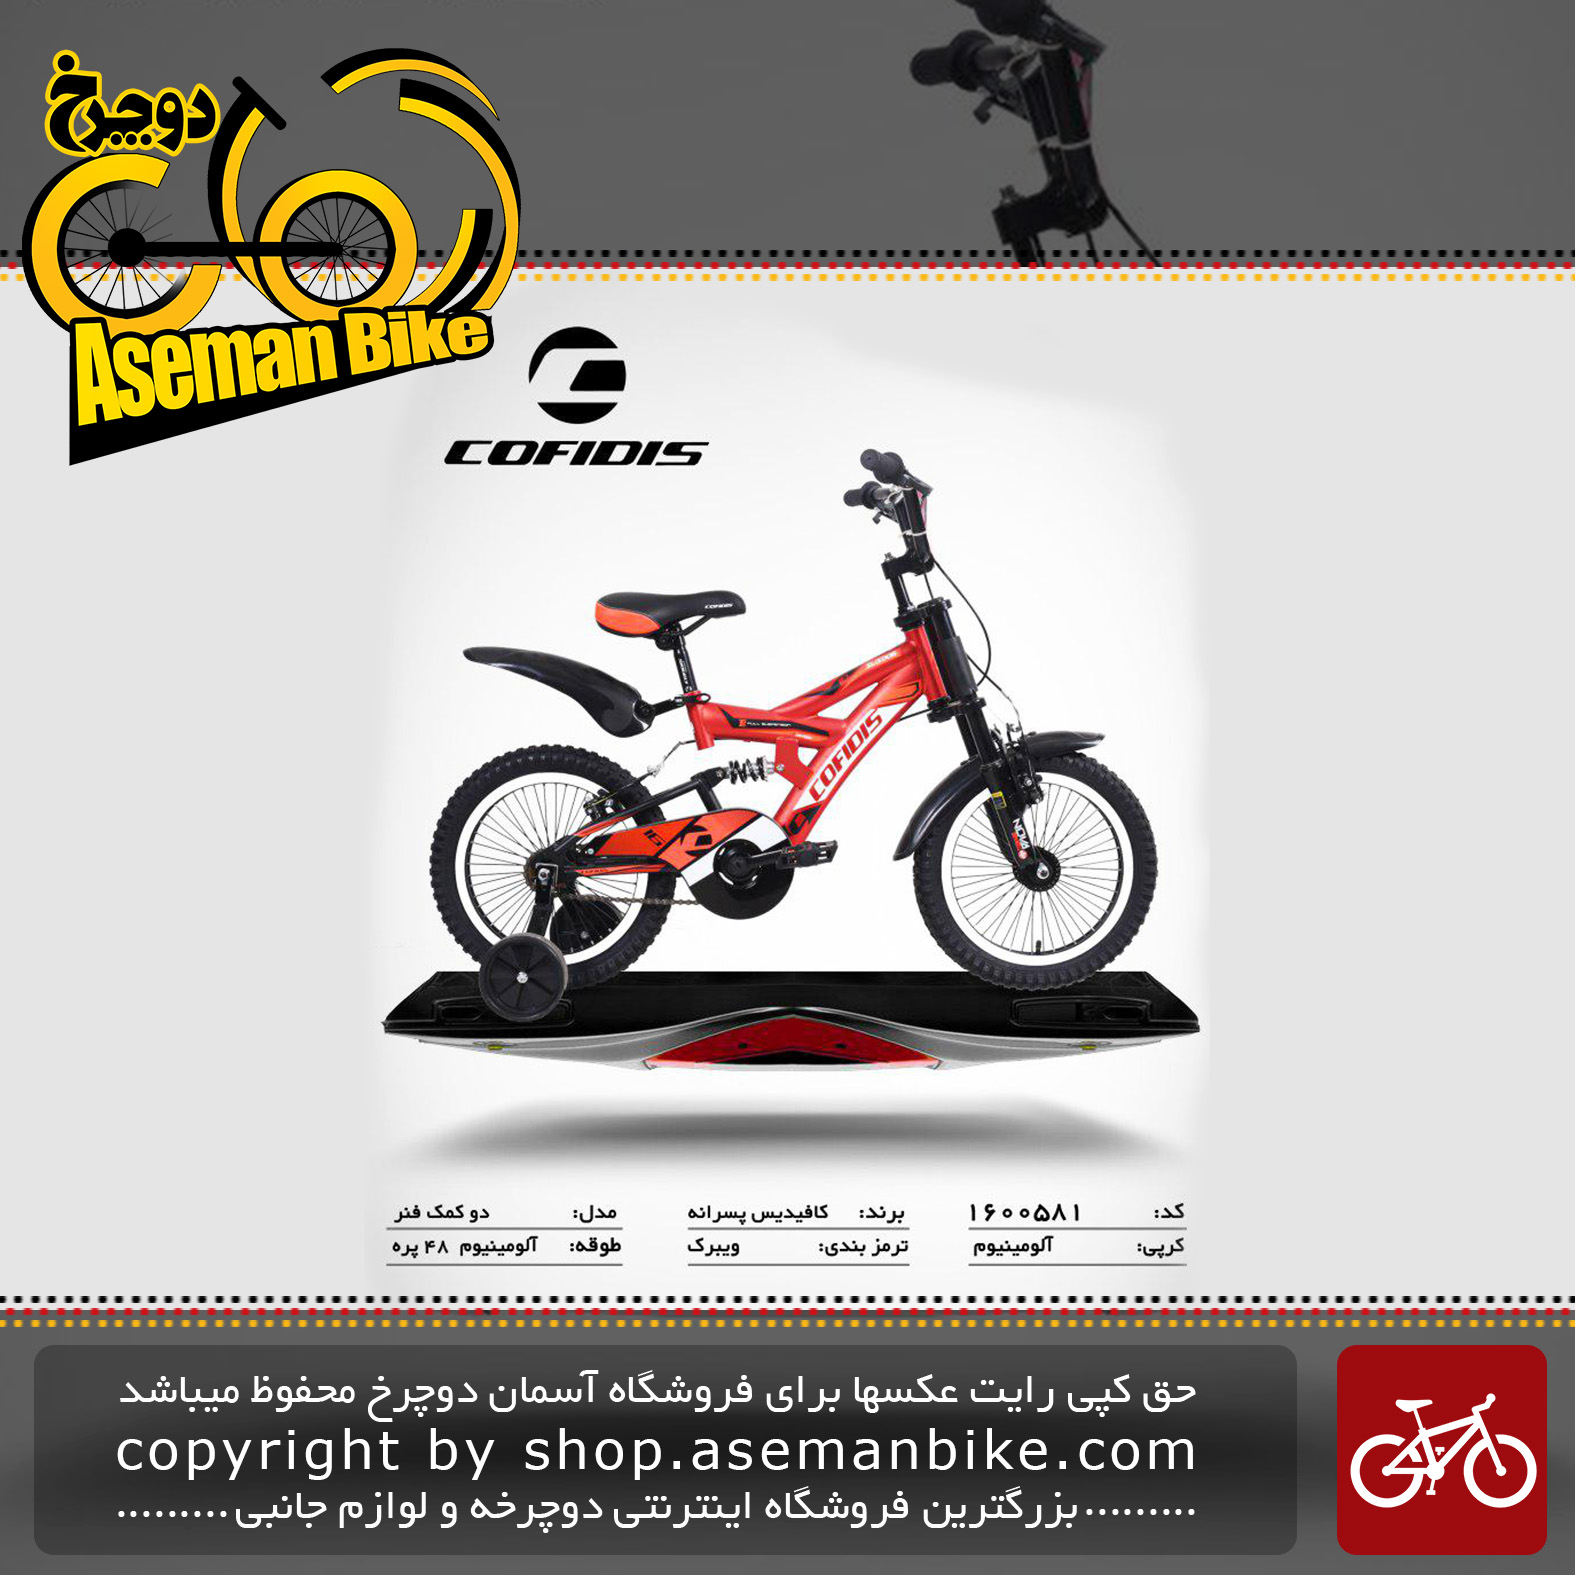 دوچرخه پسرانه کافیدیس تایوان دو کمک مدل 581 سایز 16 COFIDIS Bicycle 581 Size 16 2019